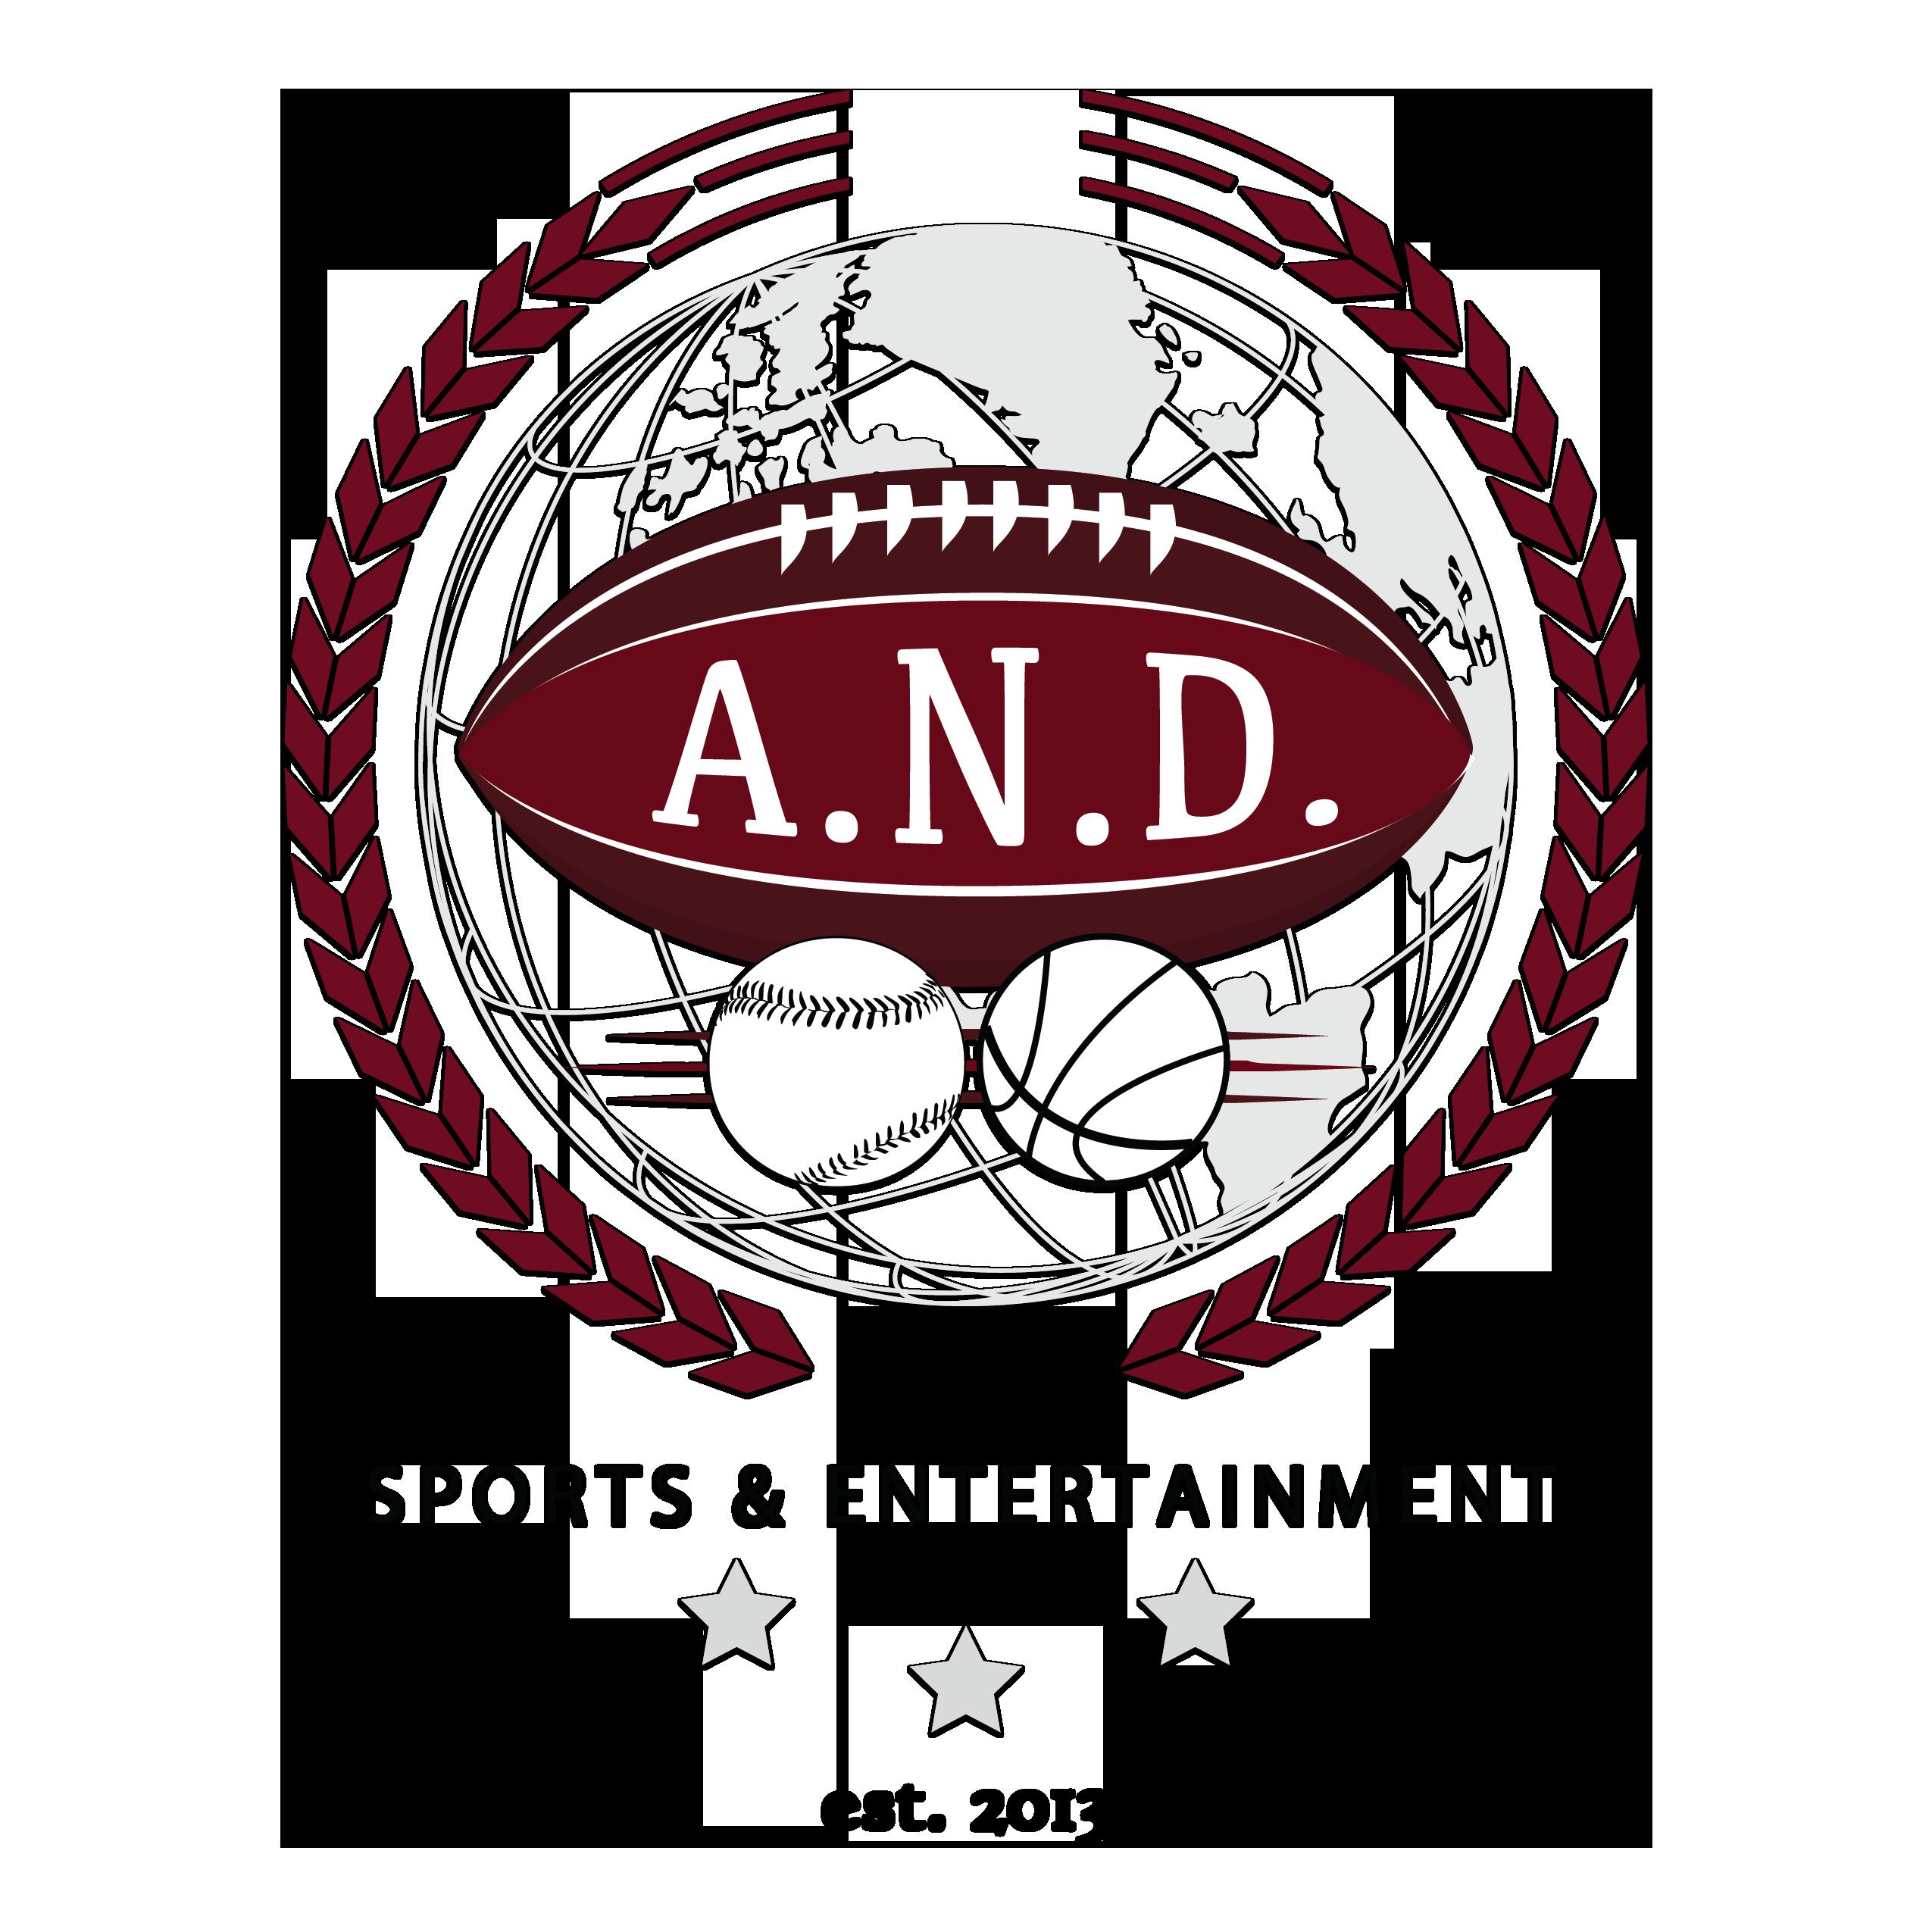 A N D Sports Entertainment